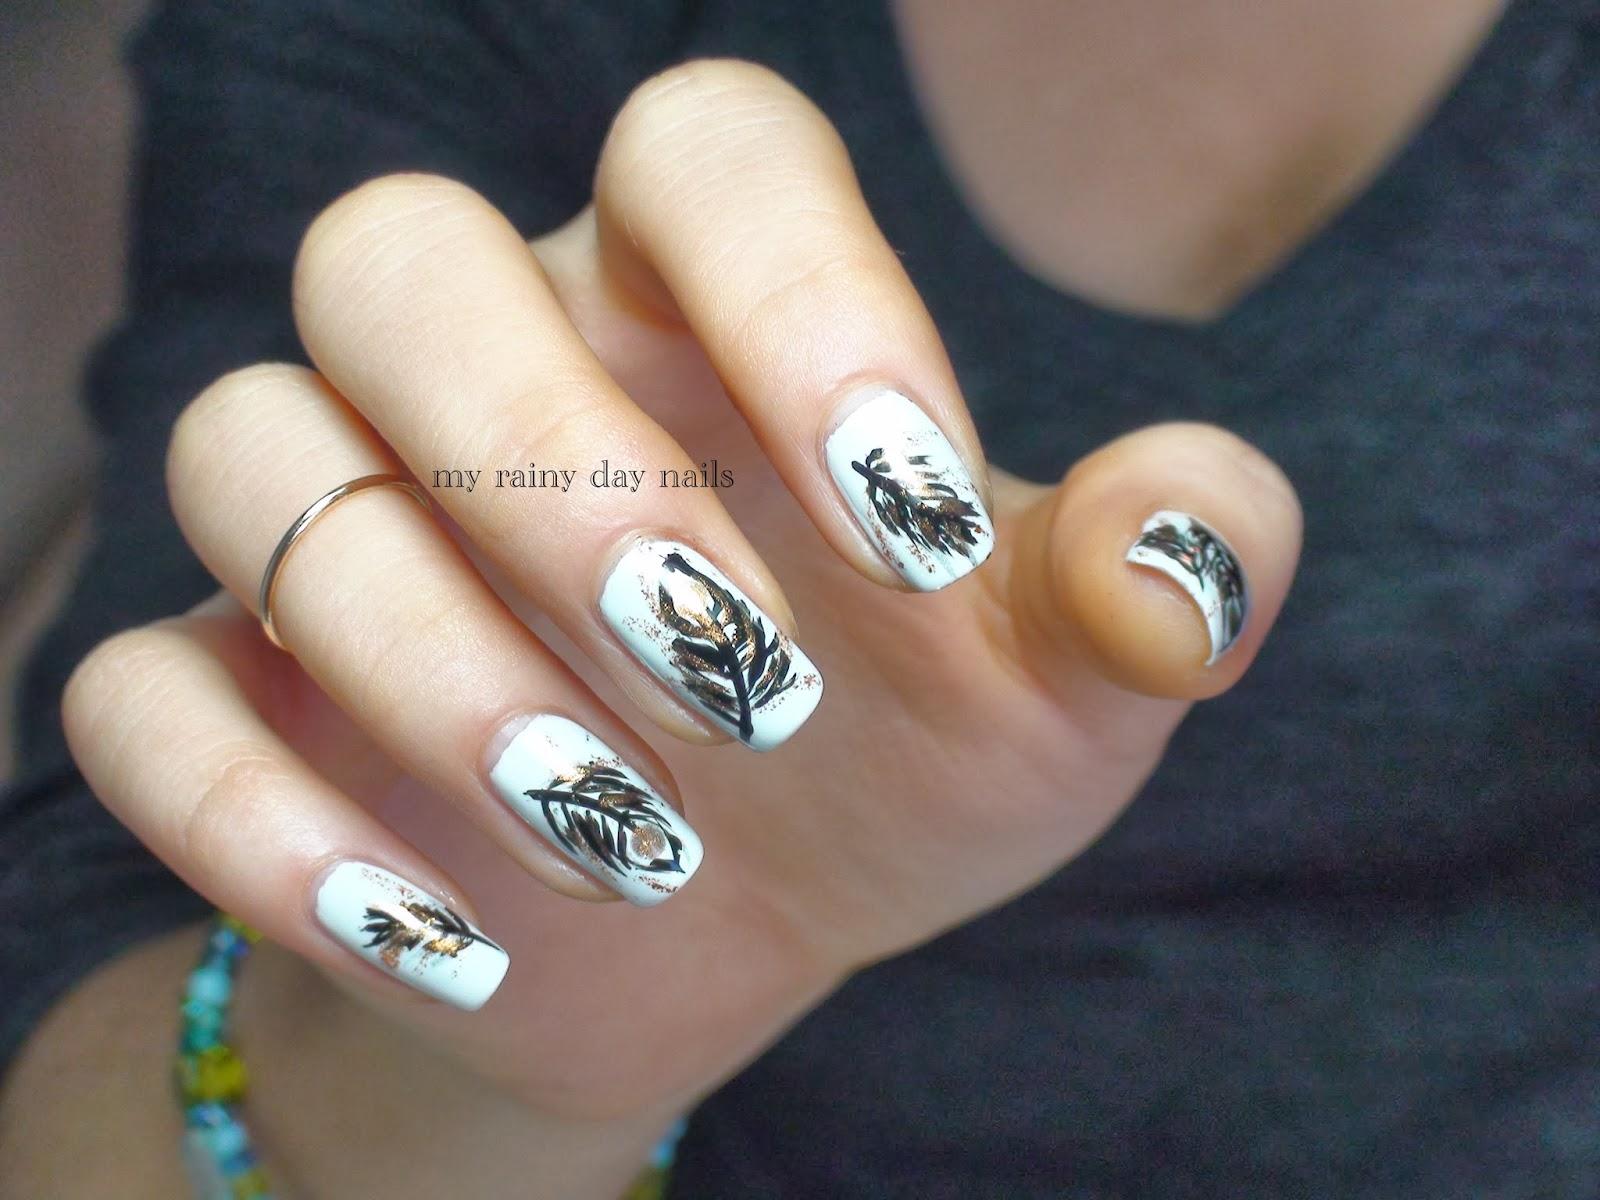 My Rainy Day Nails: Feather Nail Art